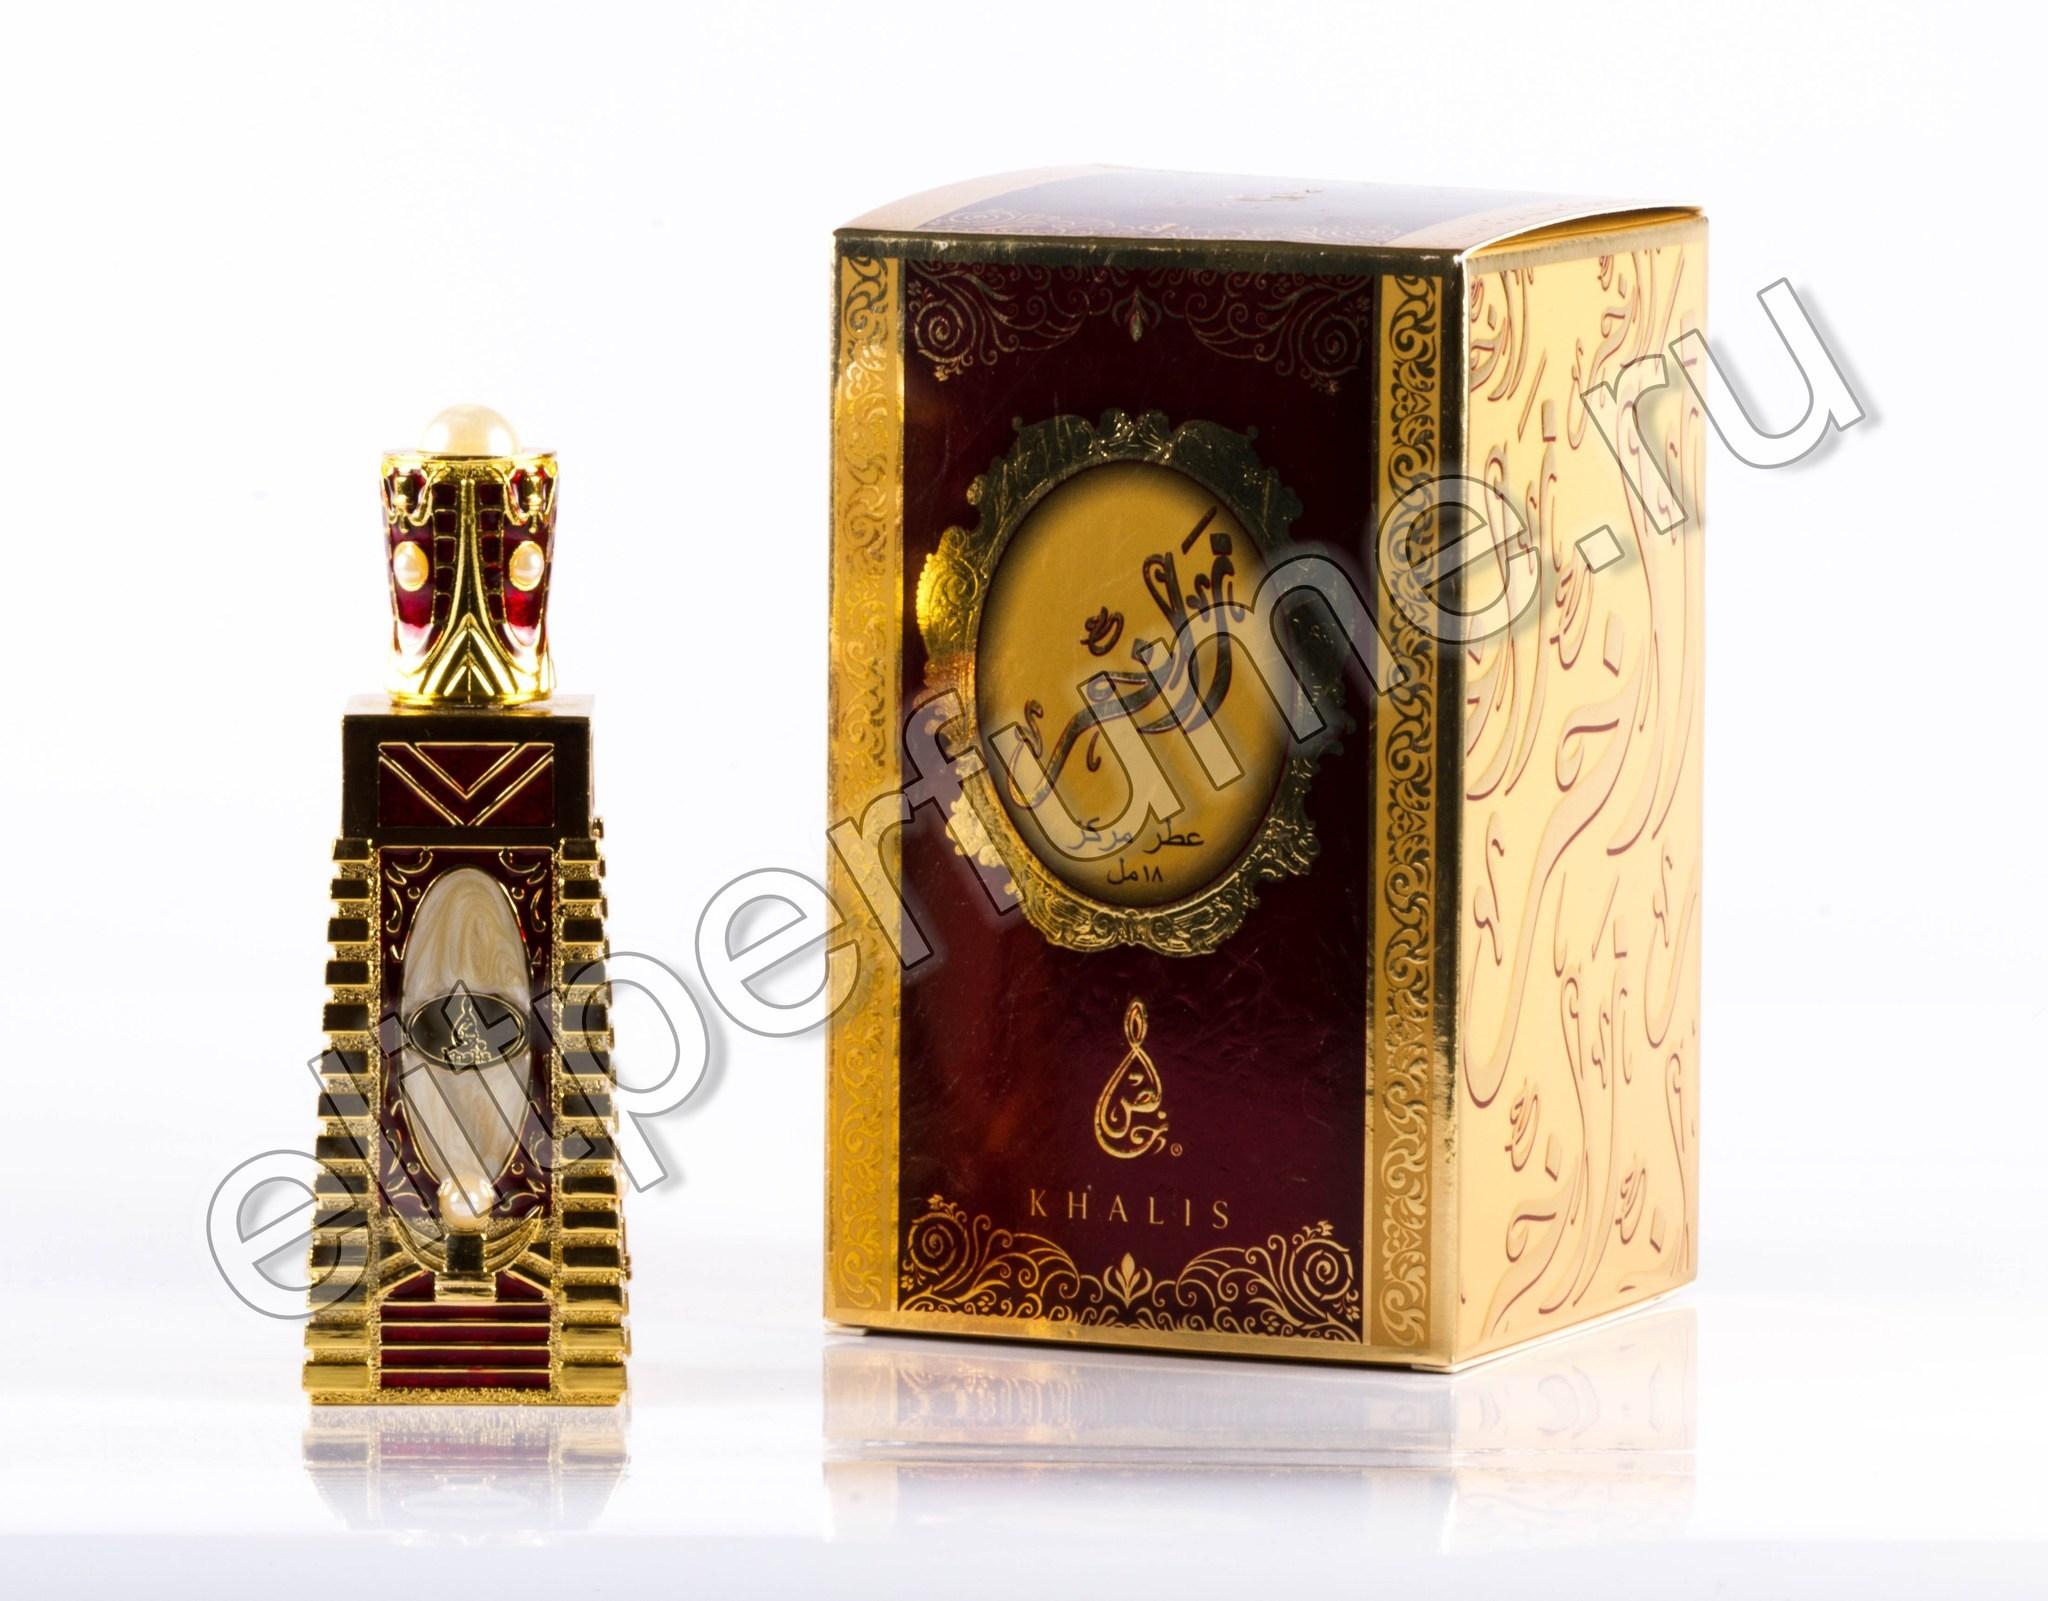 Пробник для Zakhir Захир 1 мл арабские масляные духи от Халис Khalis Perfumes